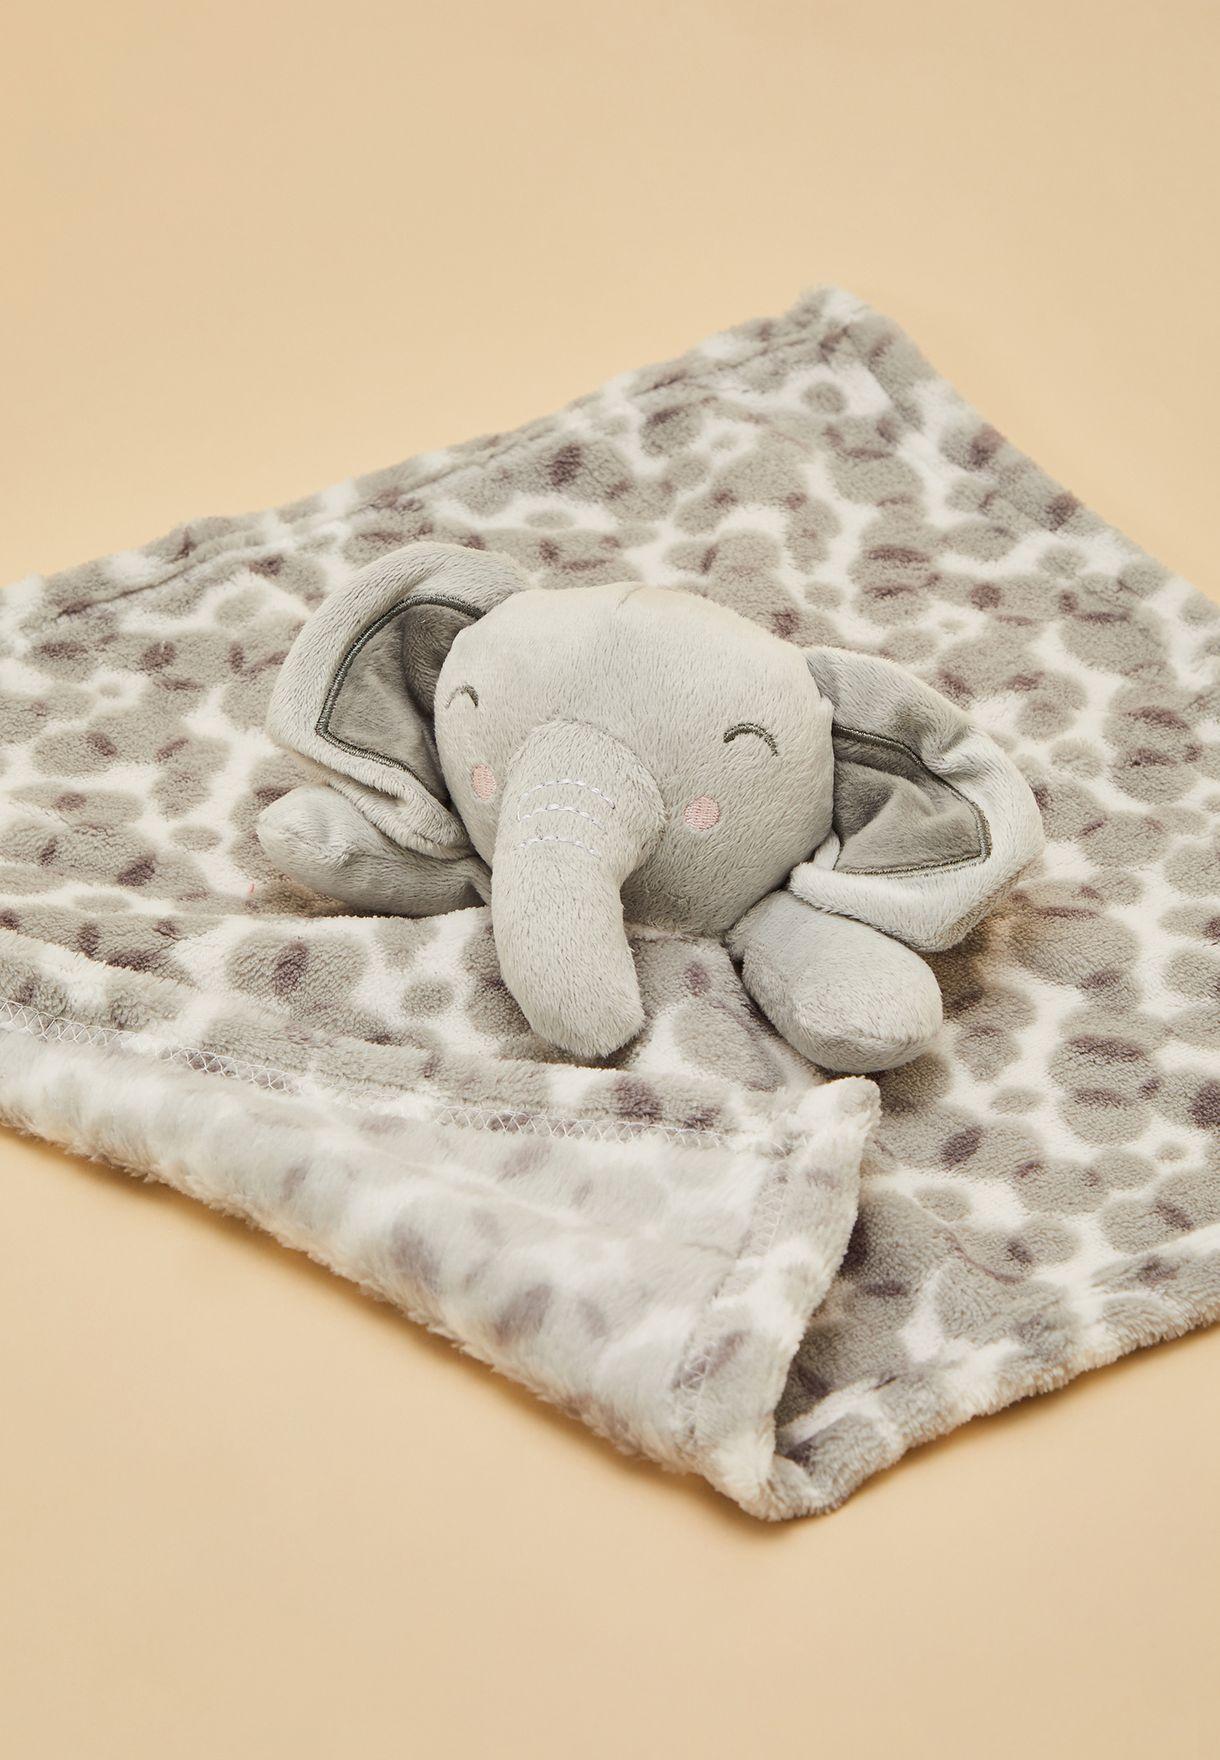 طقم من بطانية فروْ ومنشفة صغيرة برأس فيل